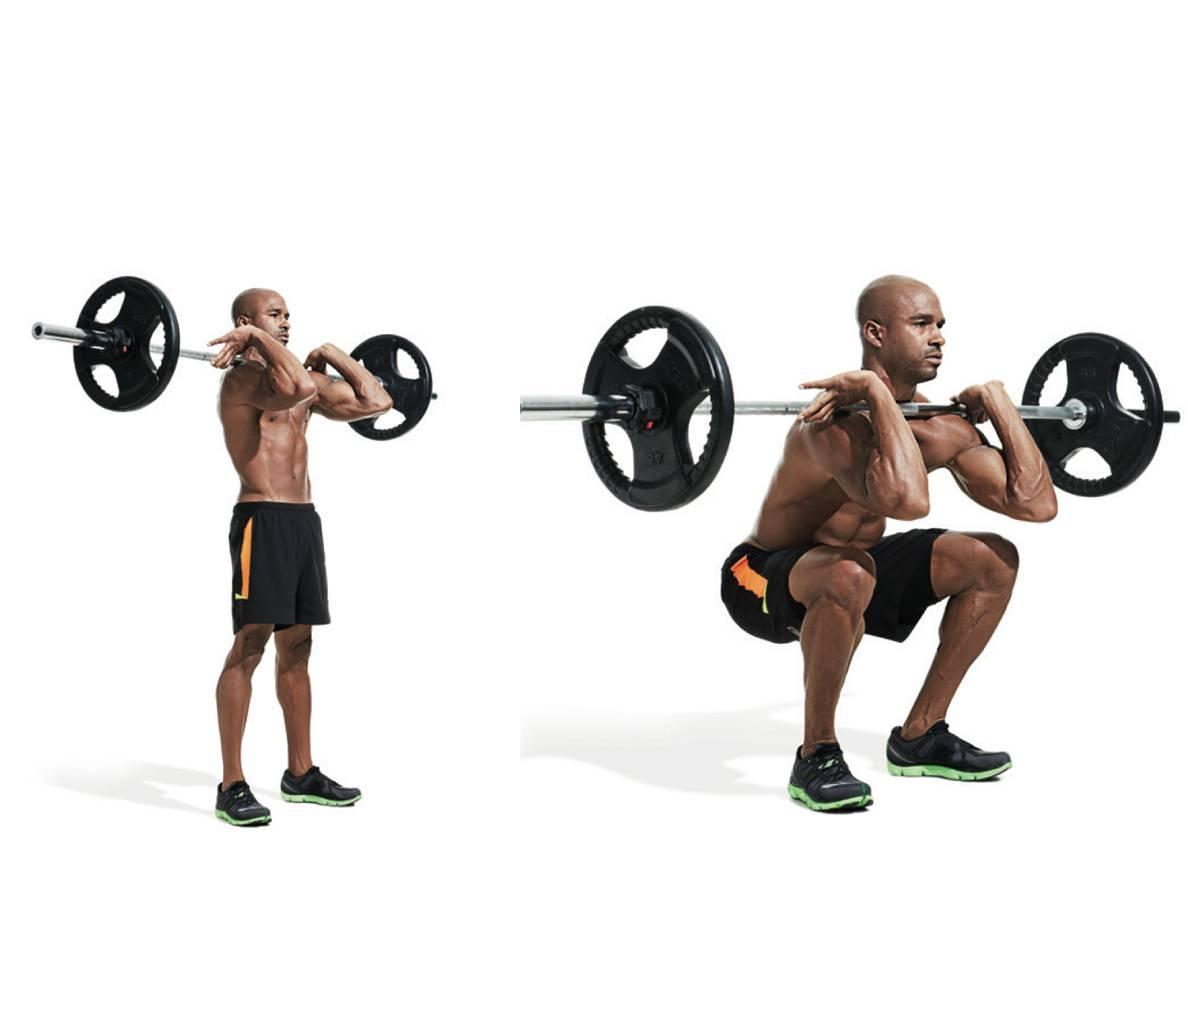 Фронтальный присед или приседания со штангой на груди: какие мышцы задействуются, как держать спину и ставить ноги, особенности правильного хвата, распространенные ошибки новичков